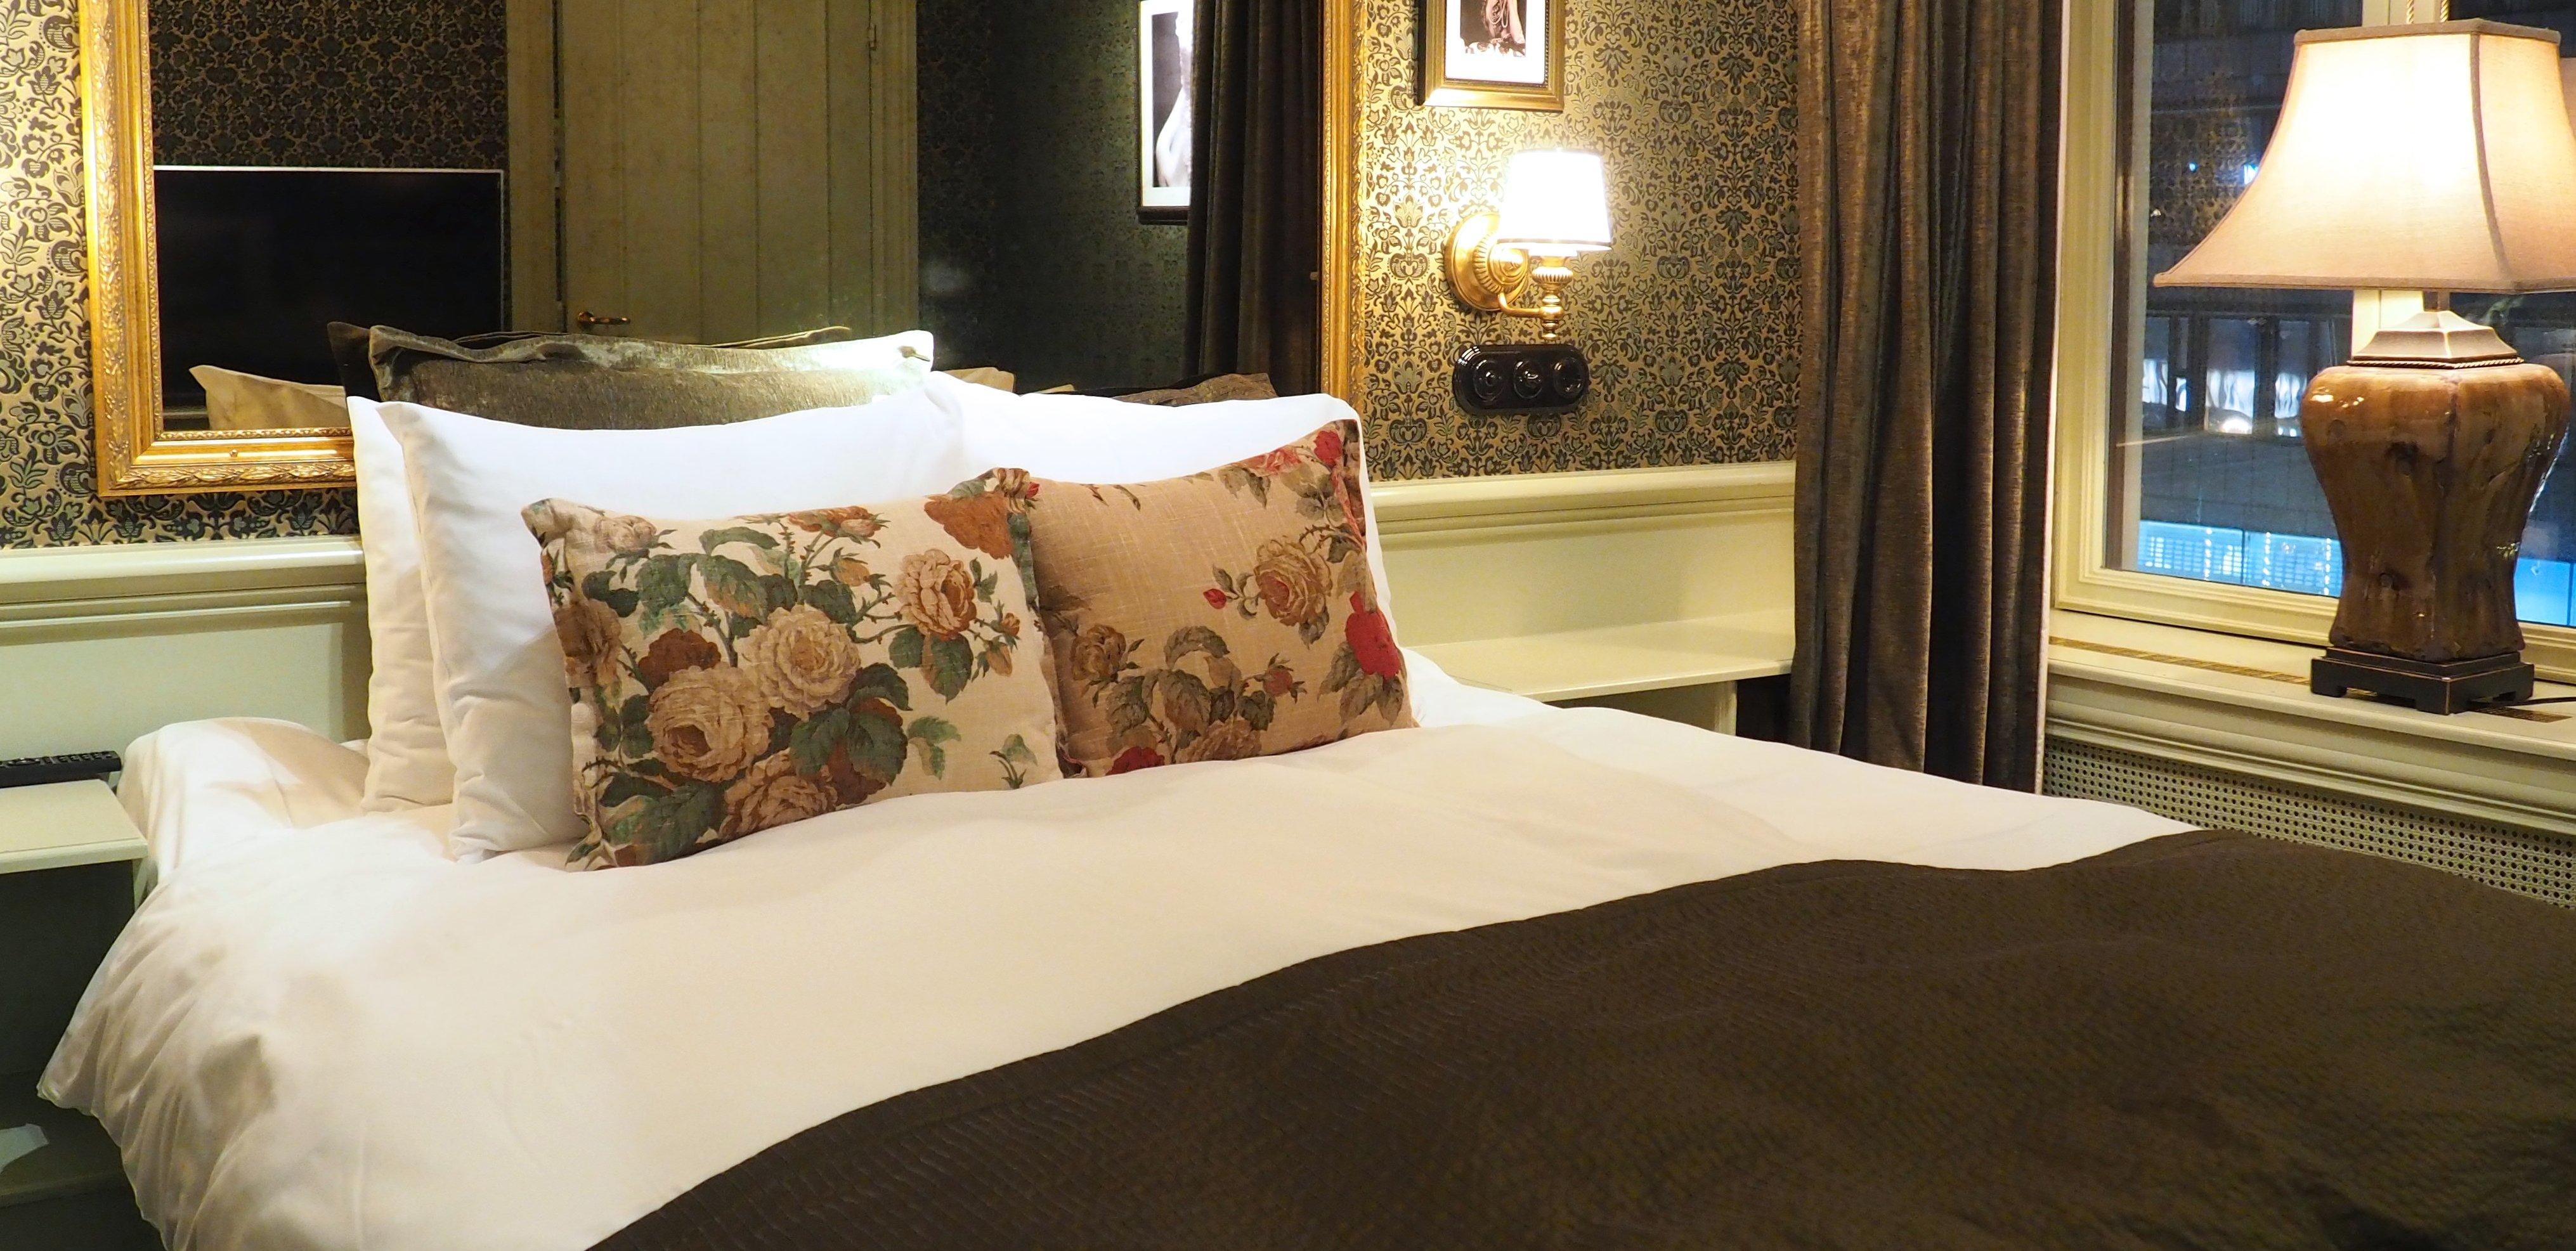 pigalle-hotel-gothenburg-bedroom